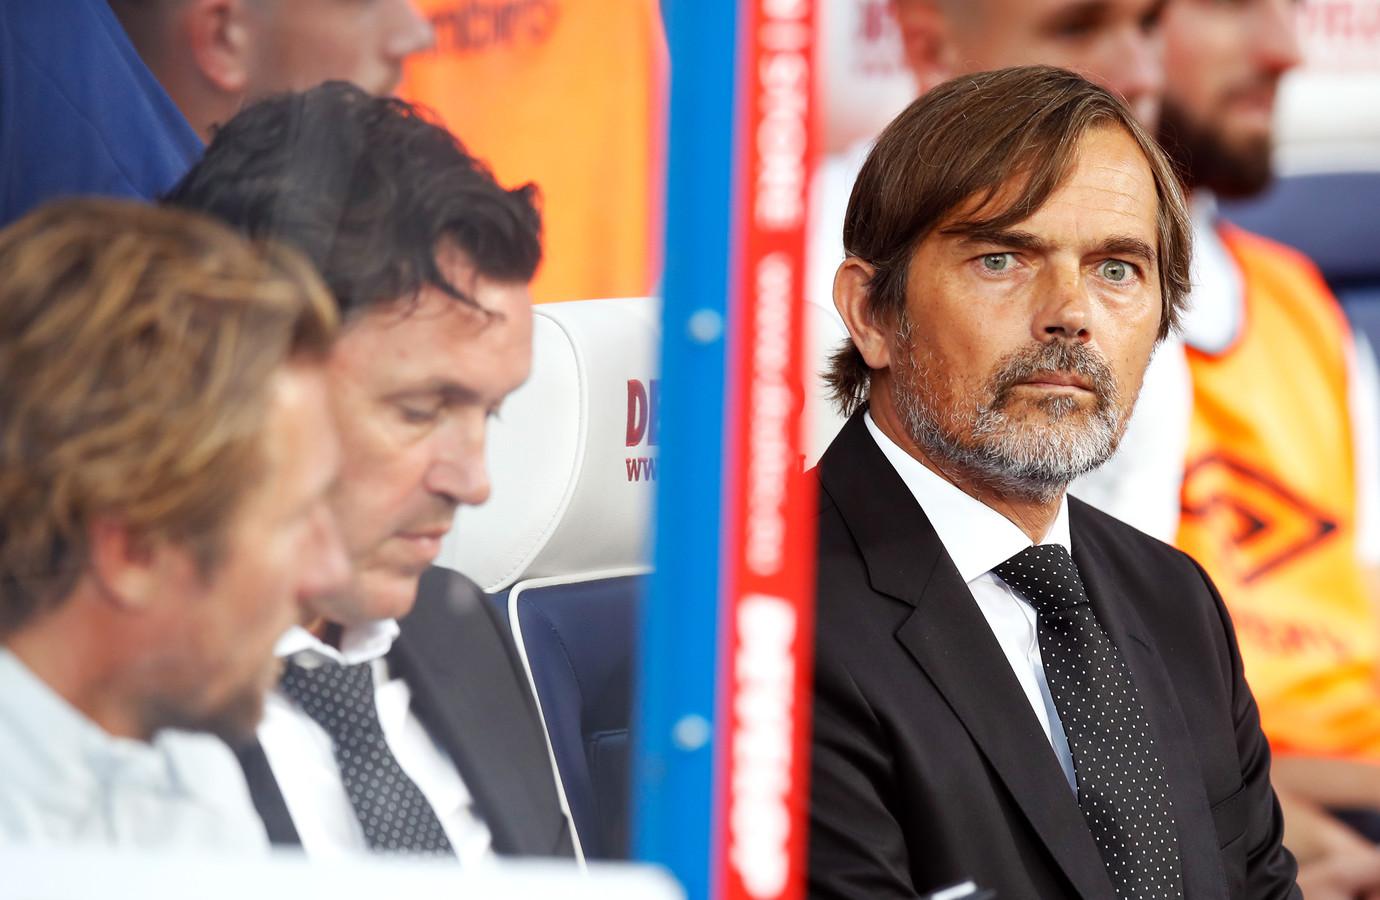 Phillip Cocu, hier naast zijn assistenten Twan Scheepers en Chris van der Weerden, won gisteravond met Derby County met 1-2 bij Huddersfield Town.